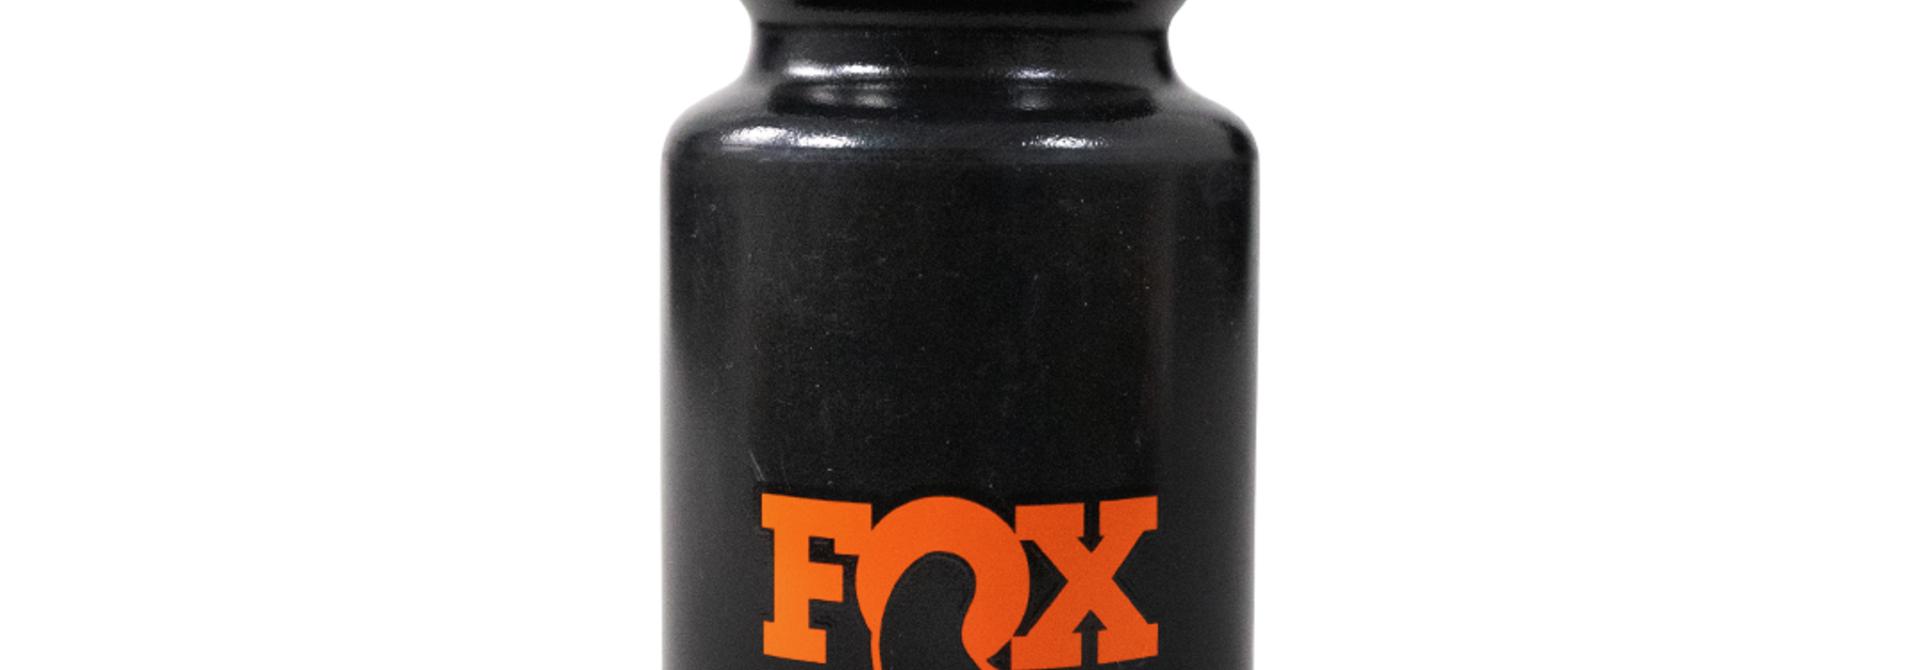 Fox Logo Water Bottle